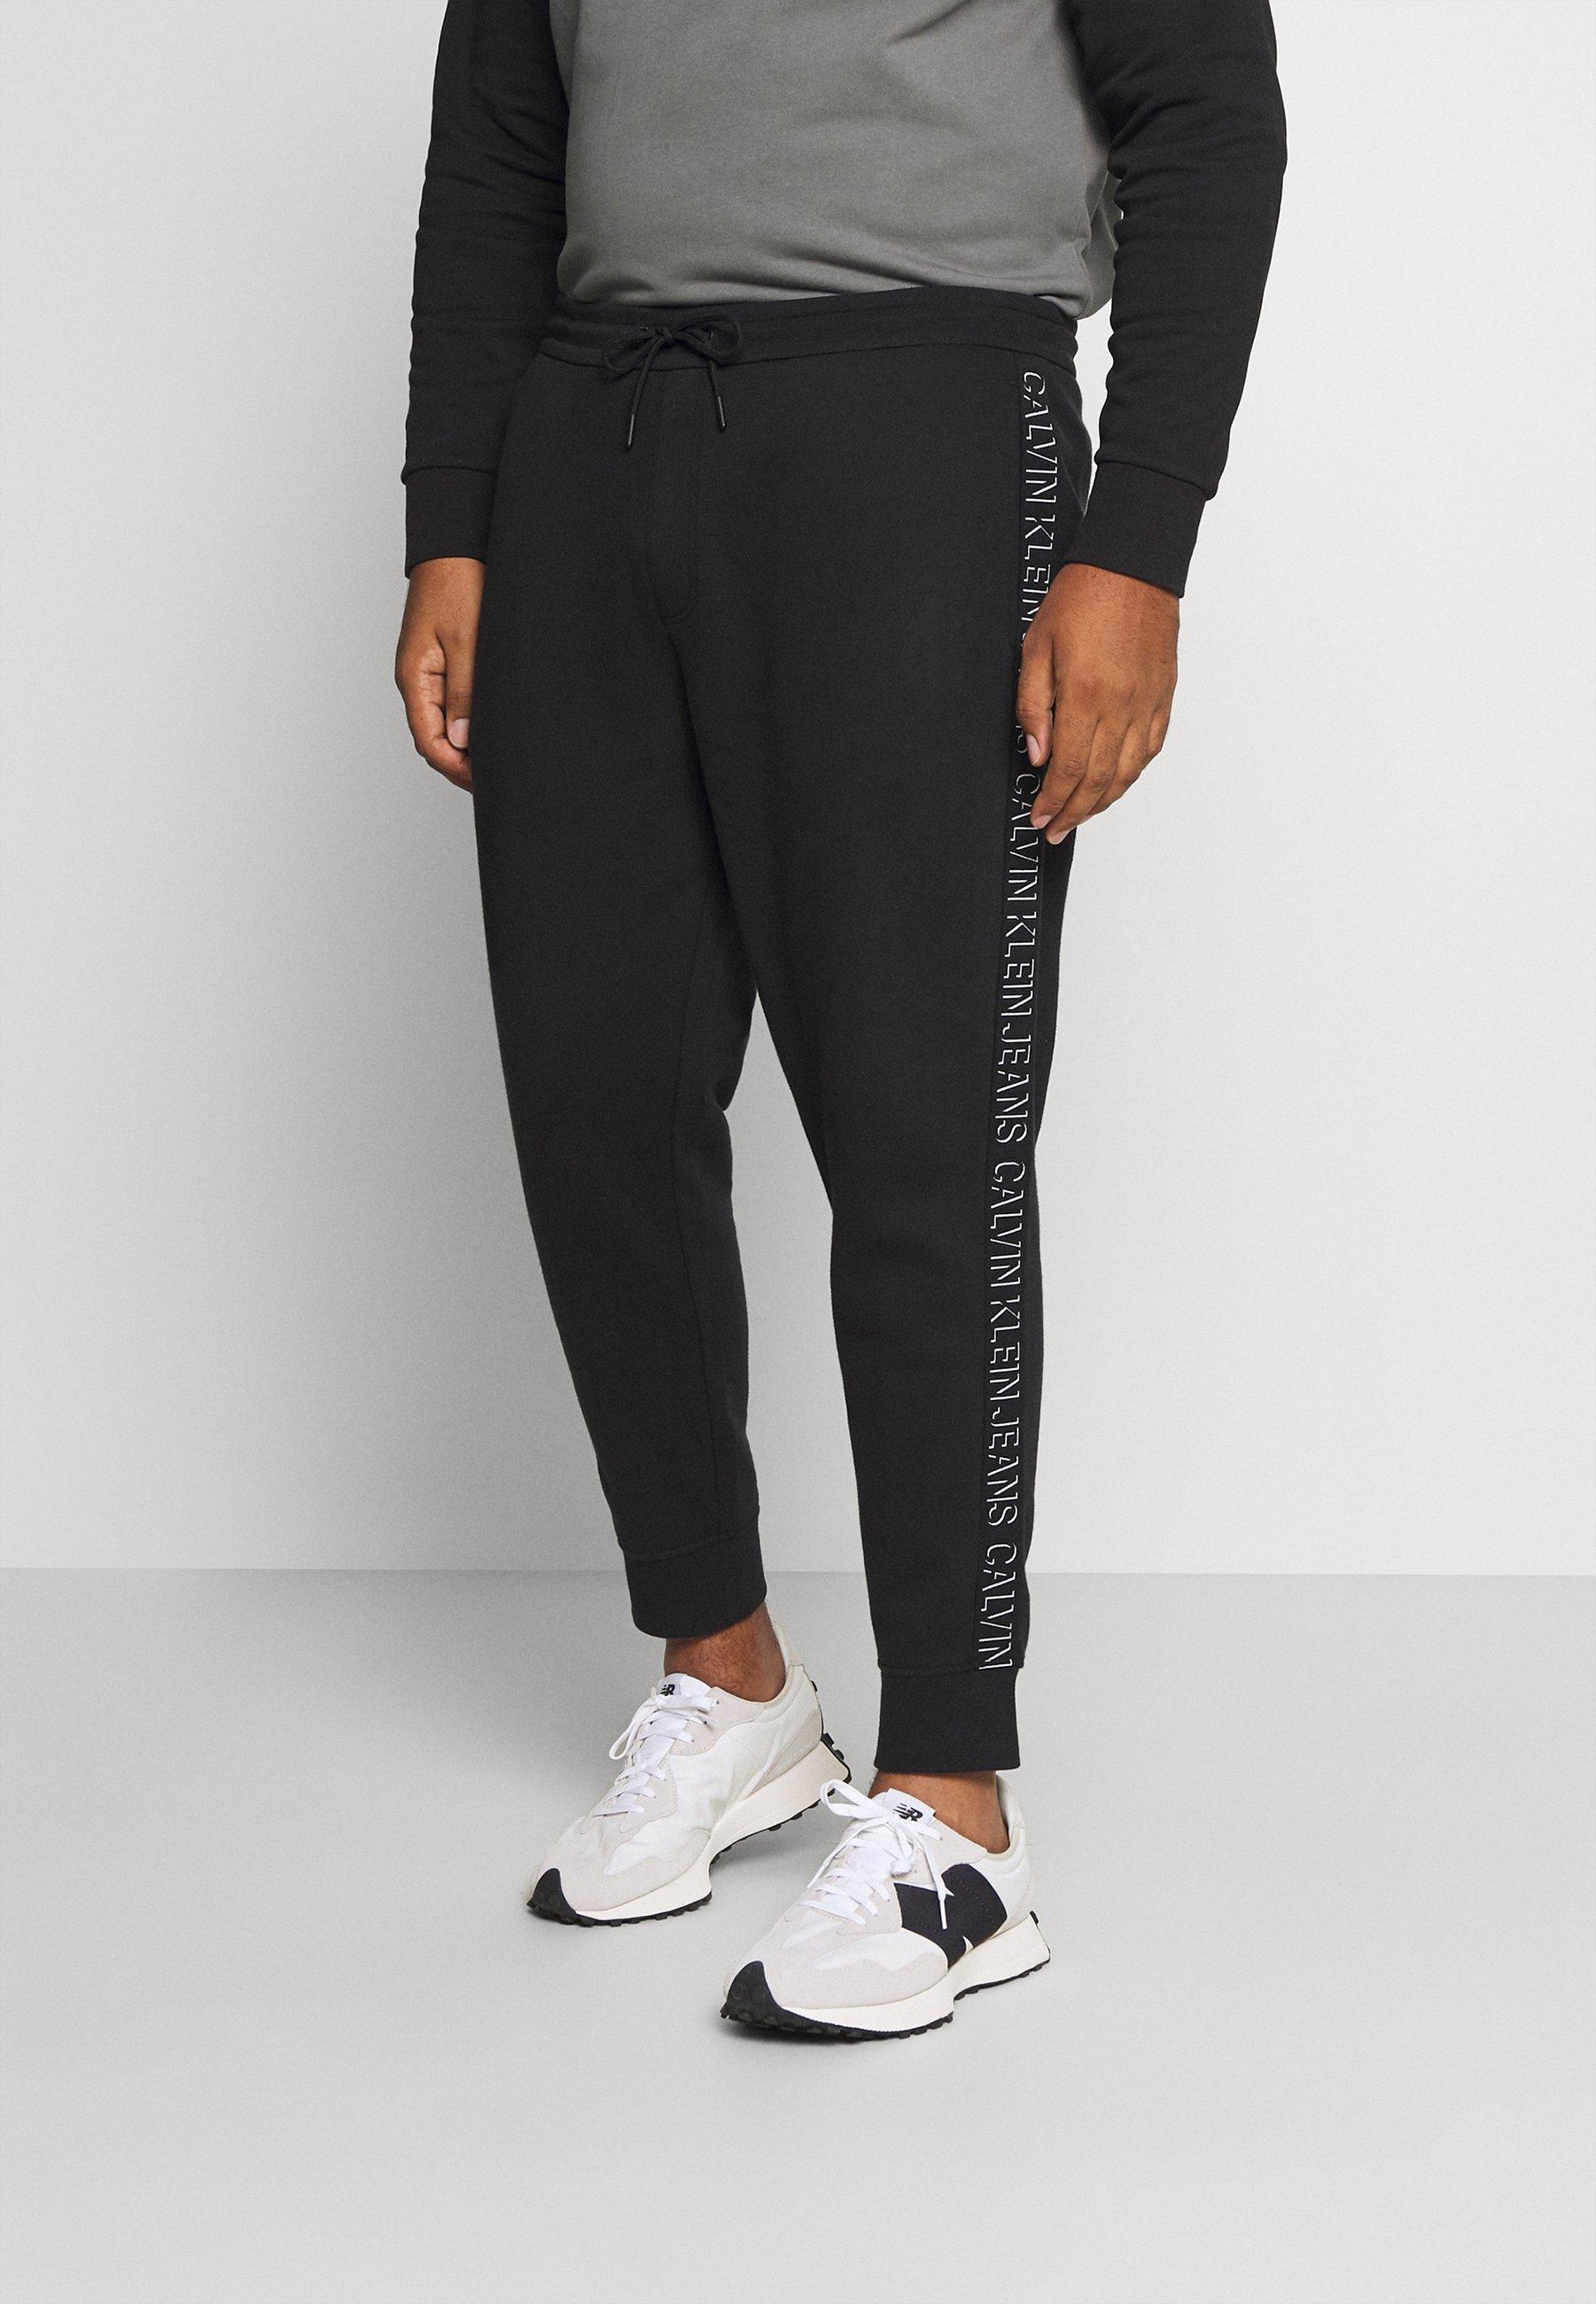 Homme SHADOW LOGO TAPE PANT - Pantalon de survêtement